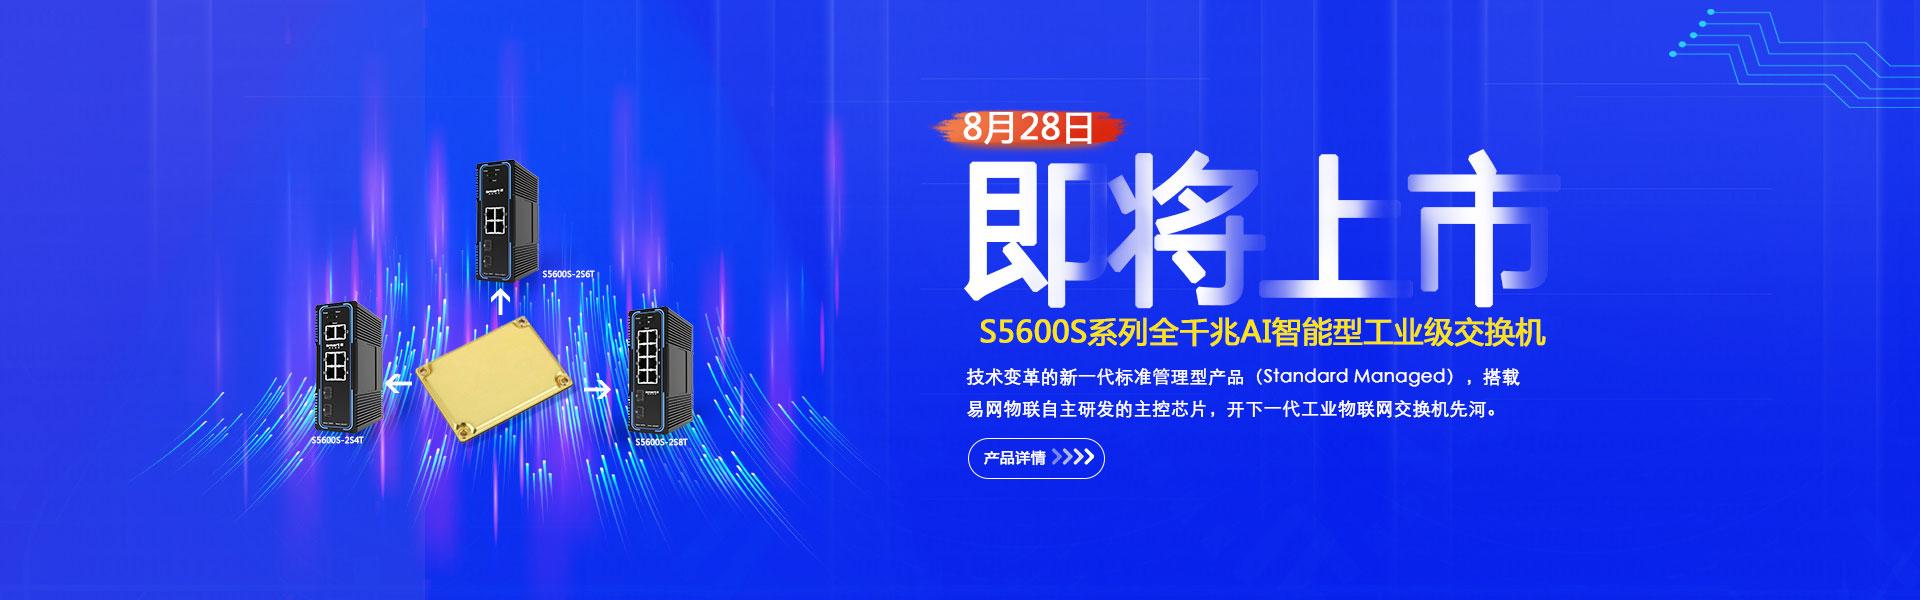 """深圳市易网物联科技有限公司(SmartE),运营总部位于中国深圳,在深圳、成都、福州设有三个研发中心,专注于工业物联网新型基础设施建设,聚焦细分市场,务实创新,为客户提供适合应用场景的差异化产品及解决方案。 易网物联以""""万物互联·网络智易""""为愿景,深入场景进行""""极简""""解决方案的设计和创新,助力工业物联网数字化转型升级。"""